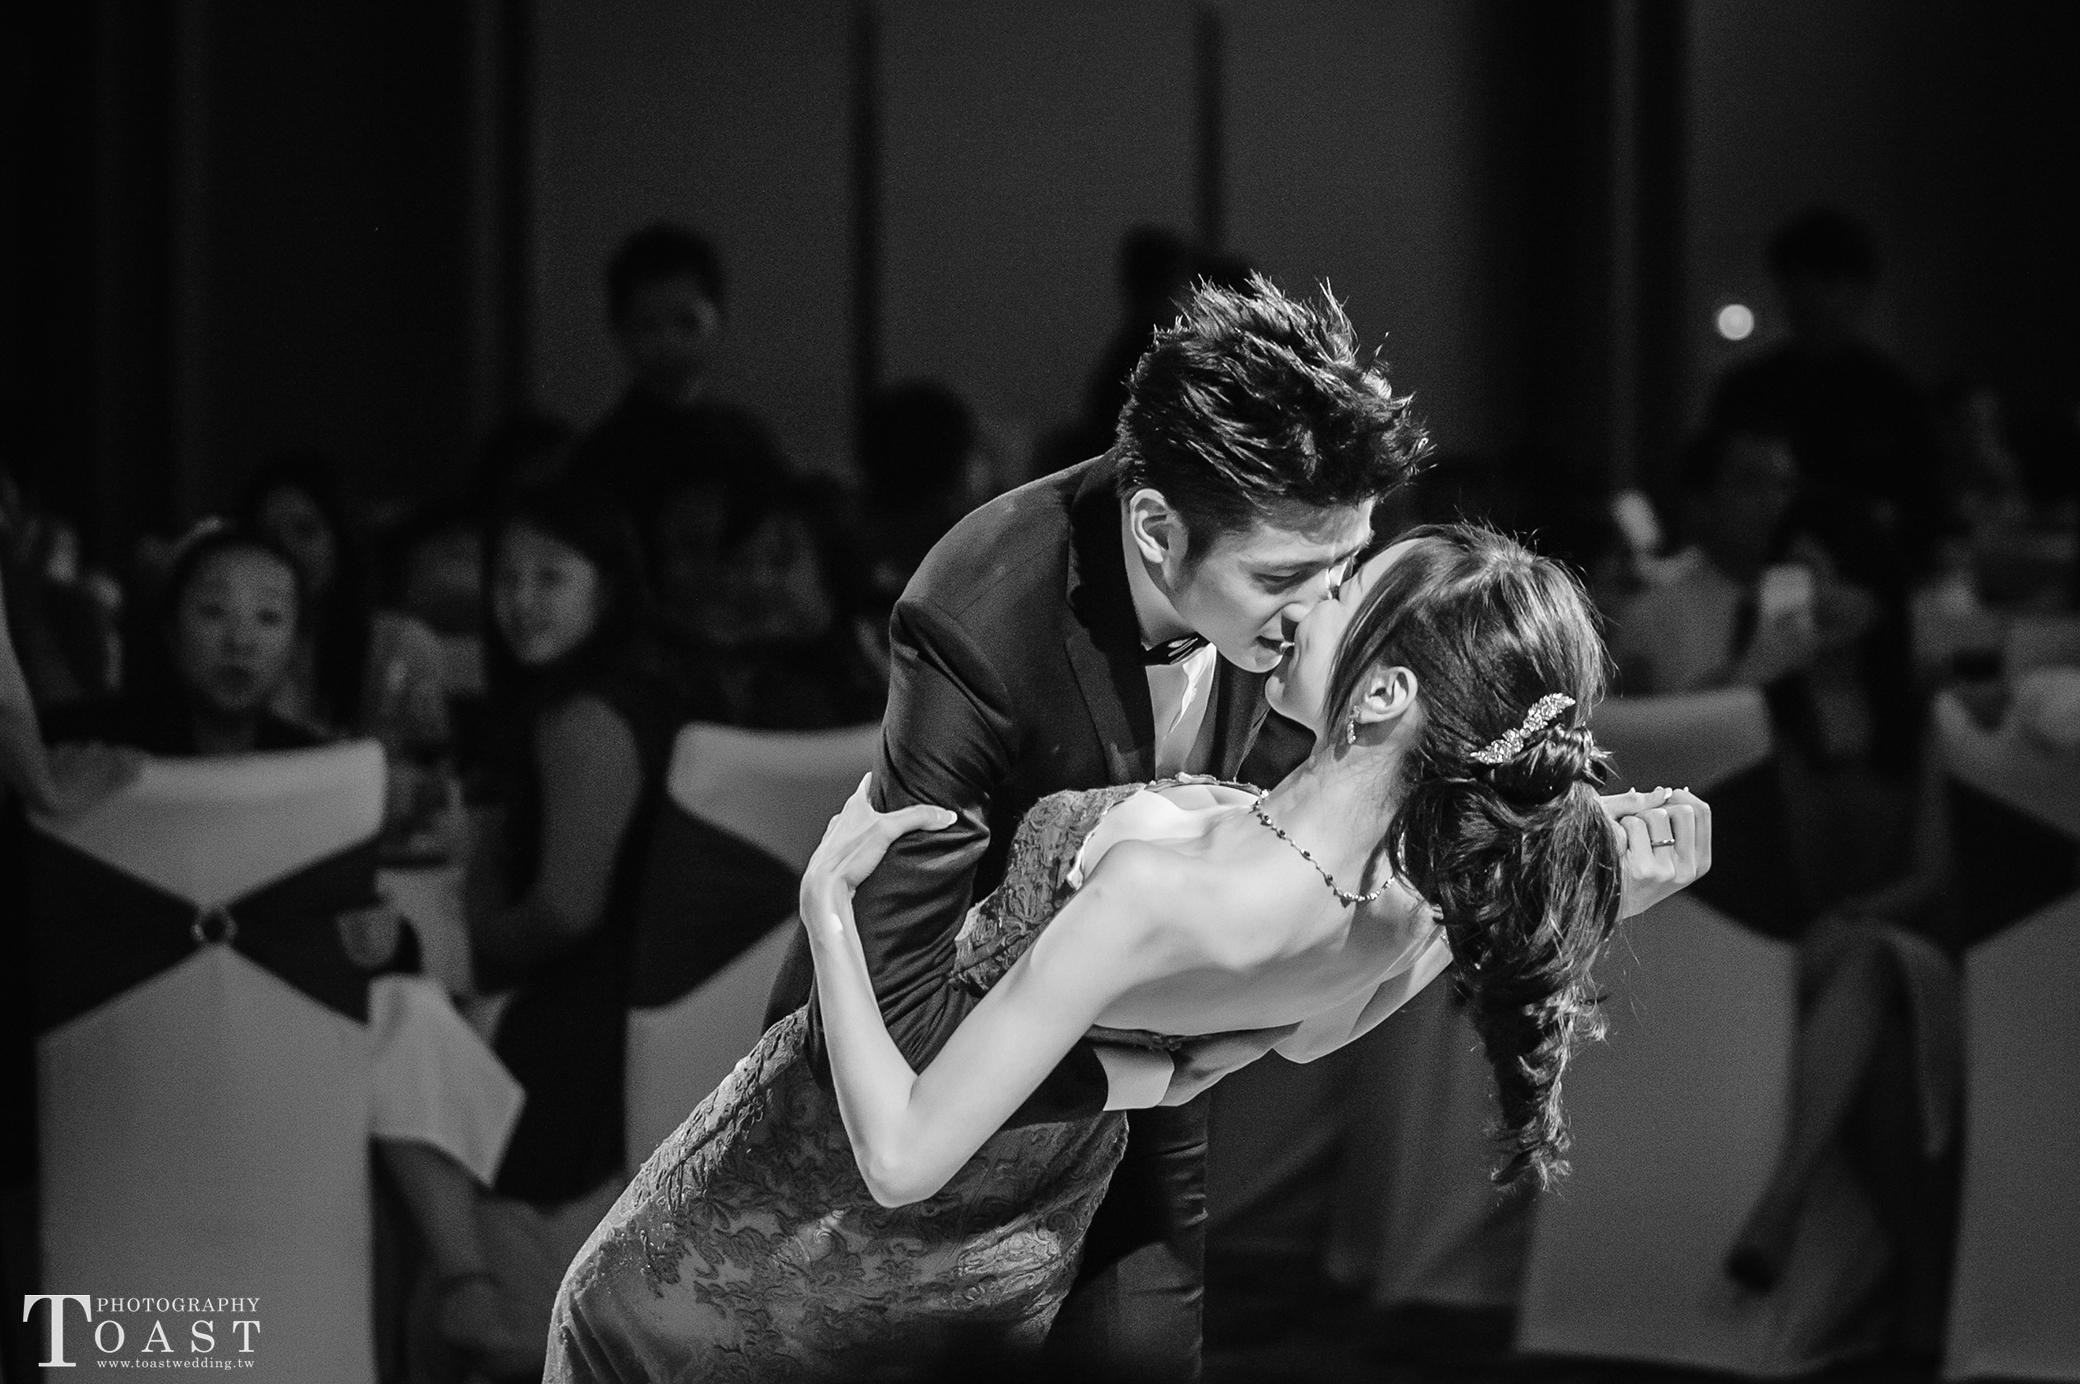 婚攝,台中日月千禧,Vivi Peng,ch wedding,Harry Chung,JAY,Santi